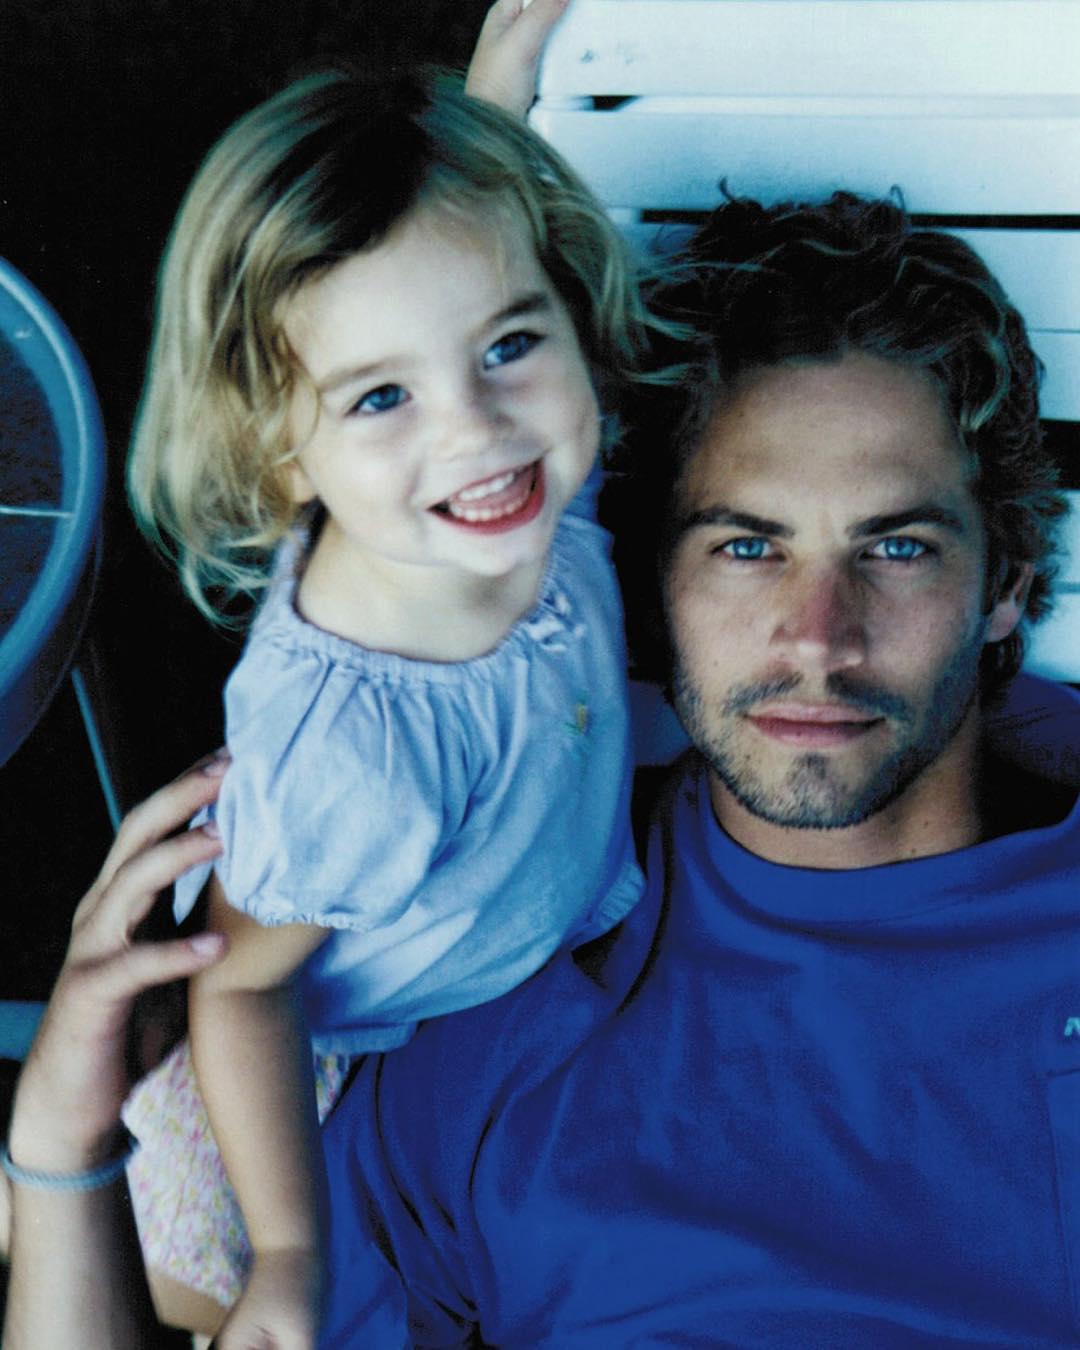 Архивное фото Пола Уокера с дочкой Мэдоу